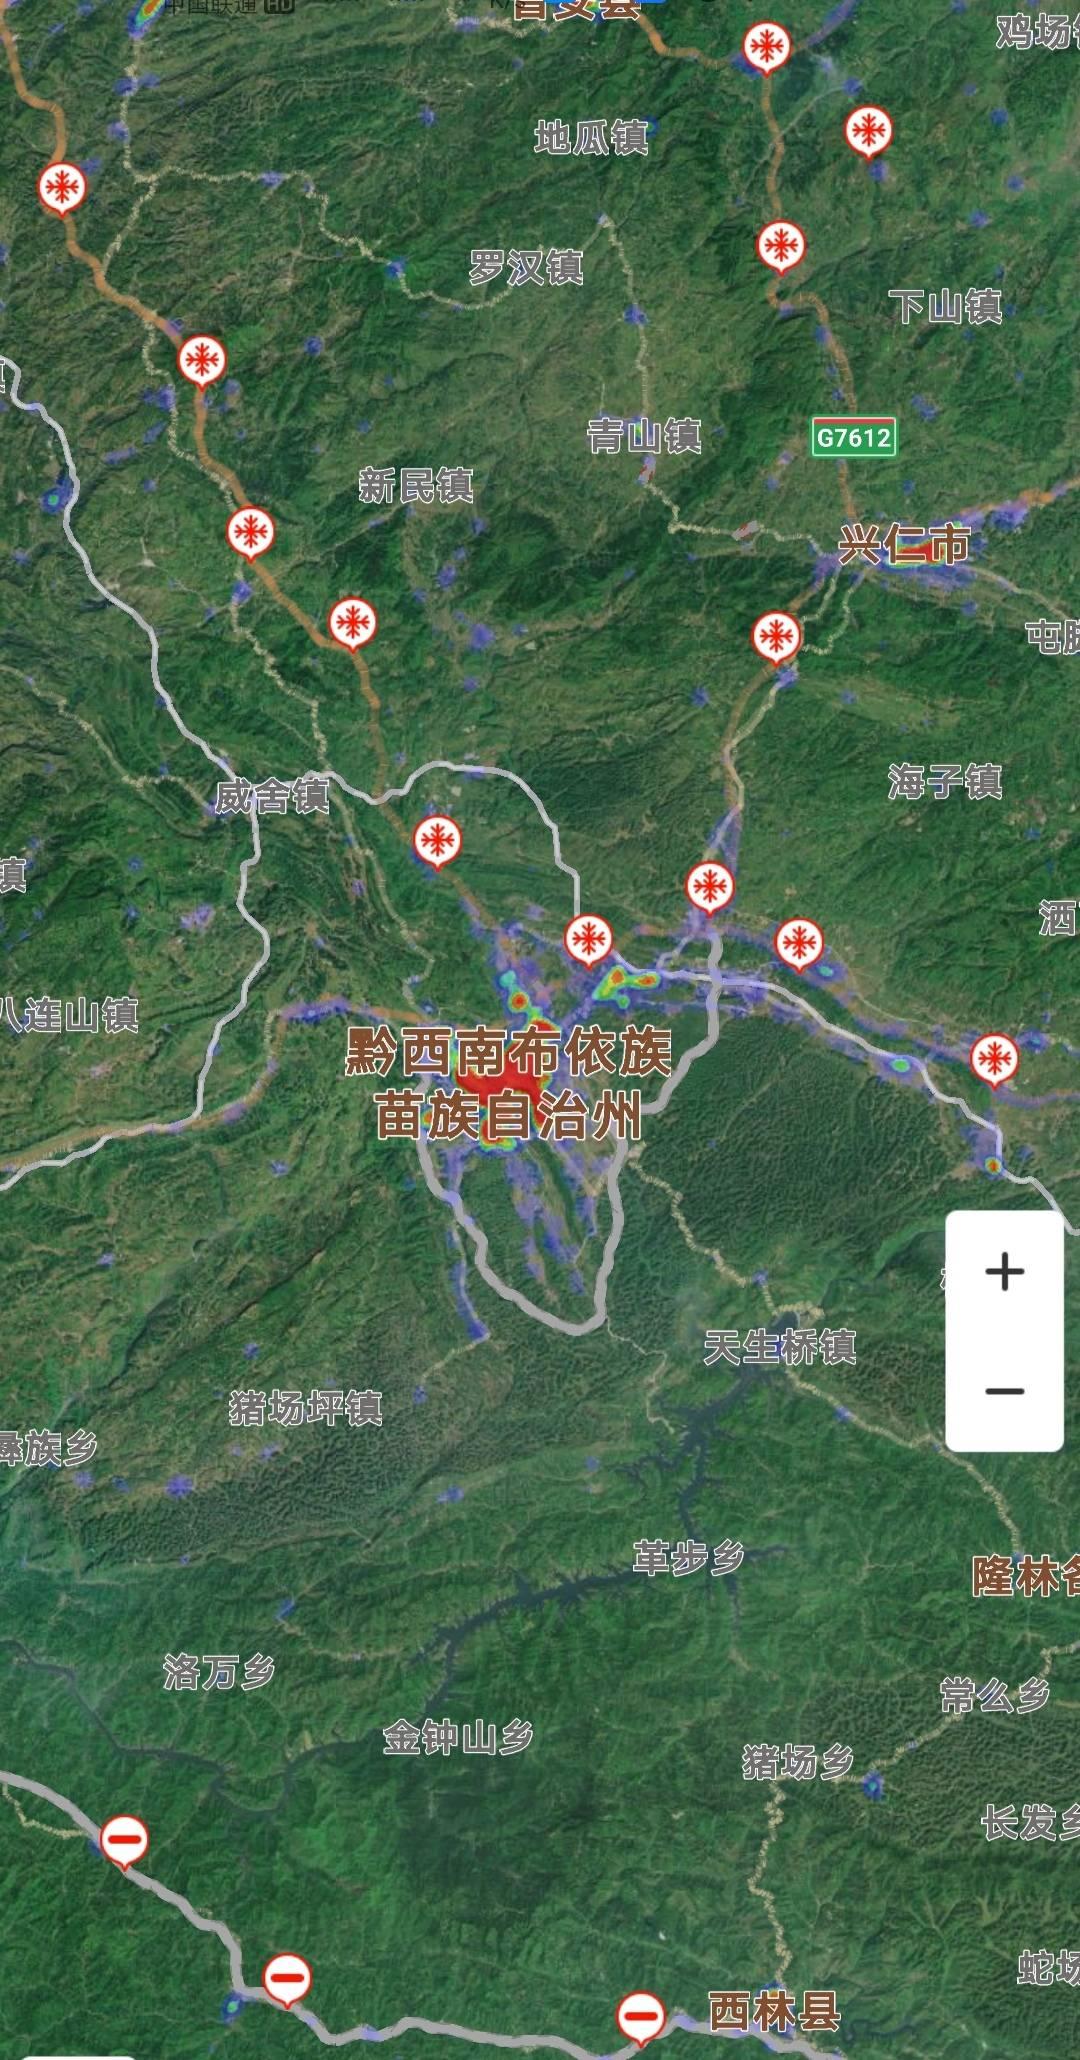 贵州省总人口是多少_贵州各地地名原来是这么来的,这下清楚了